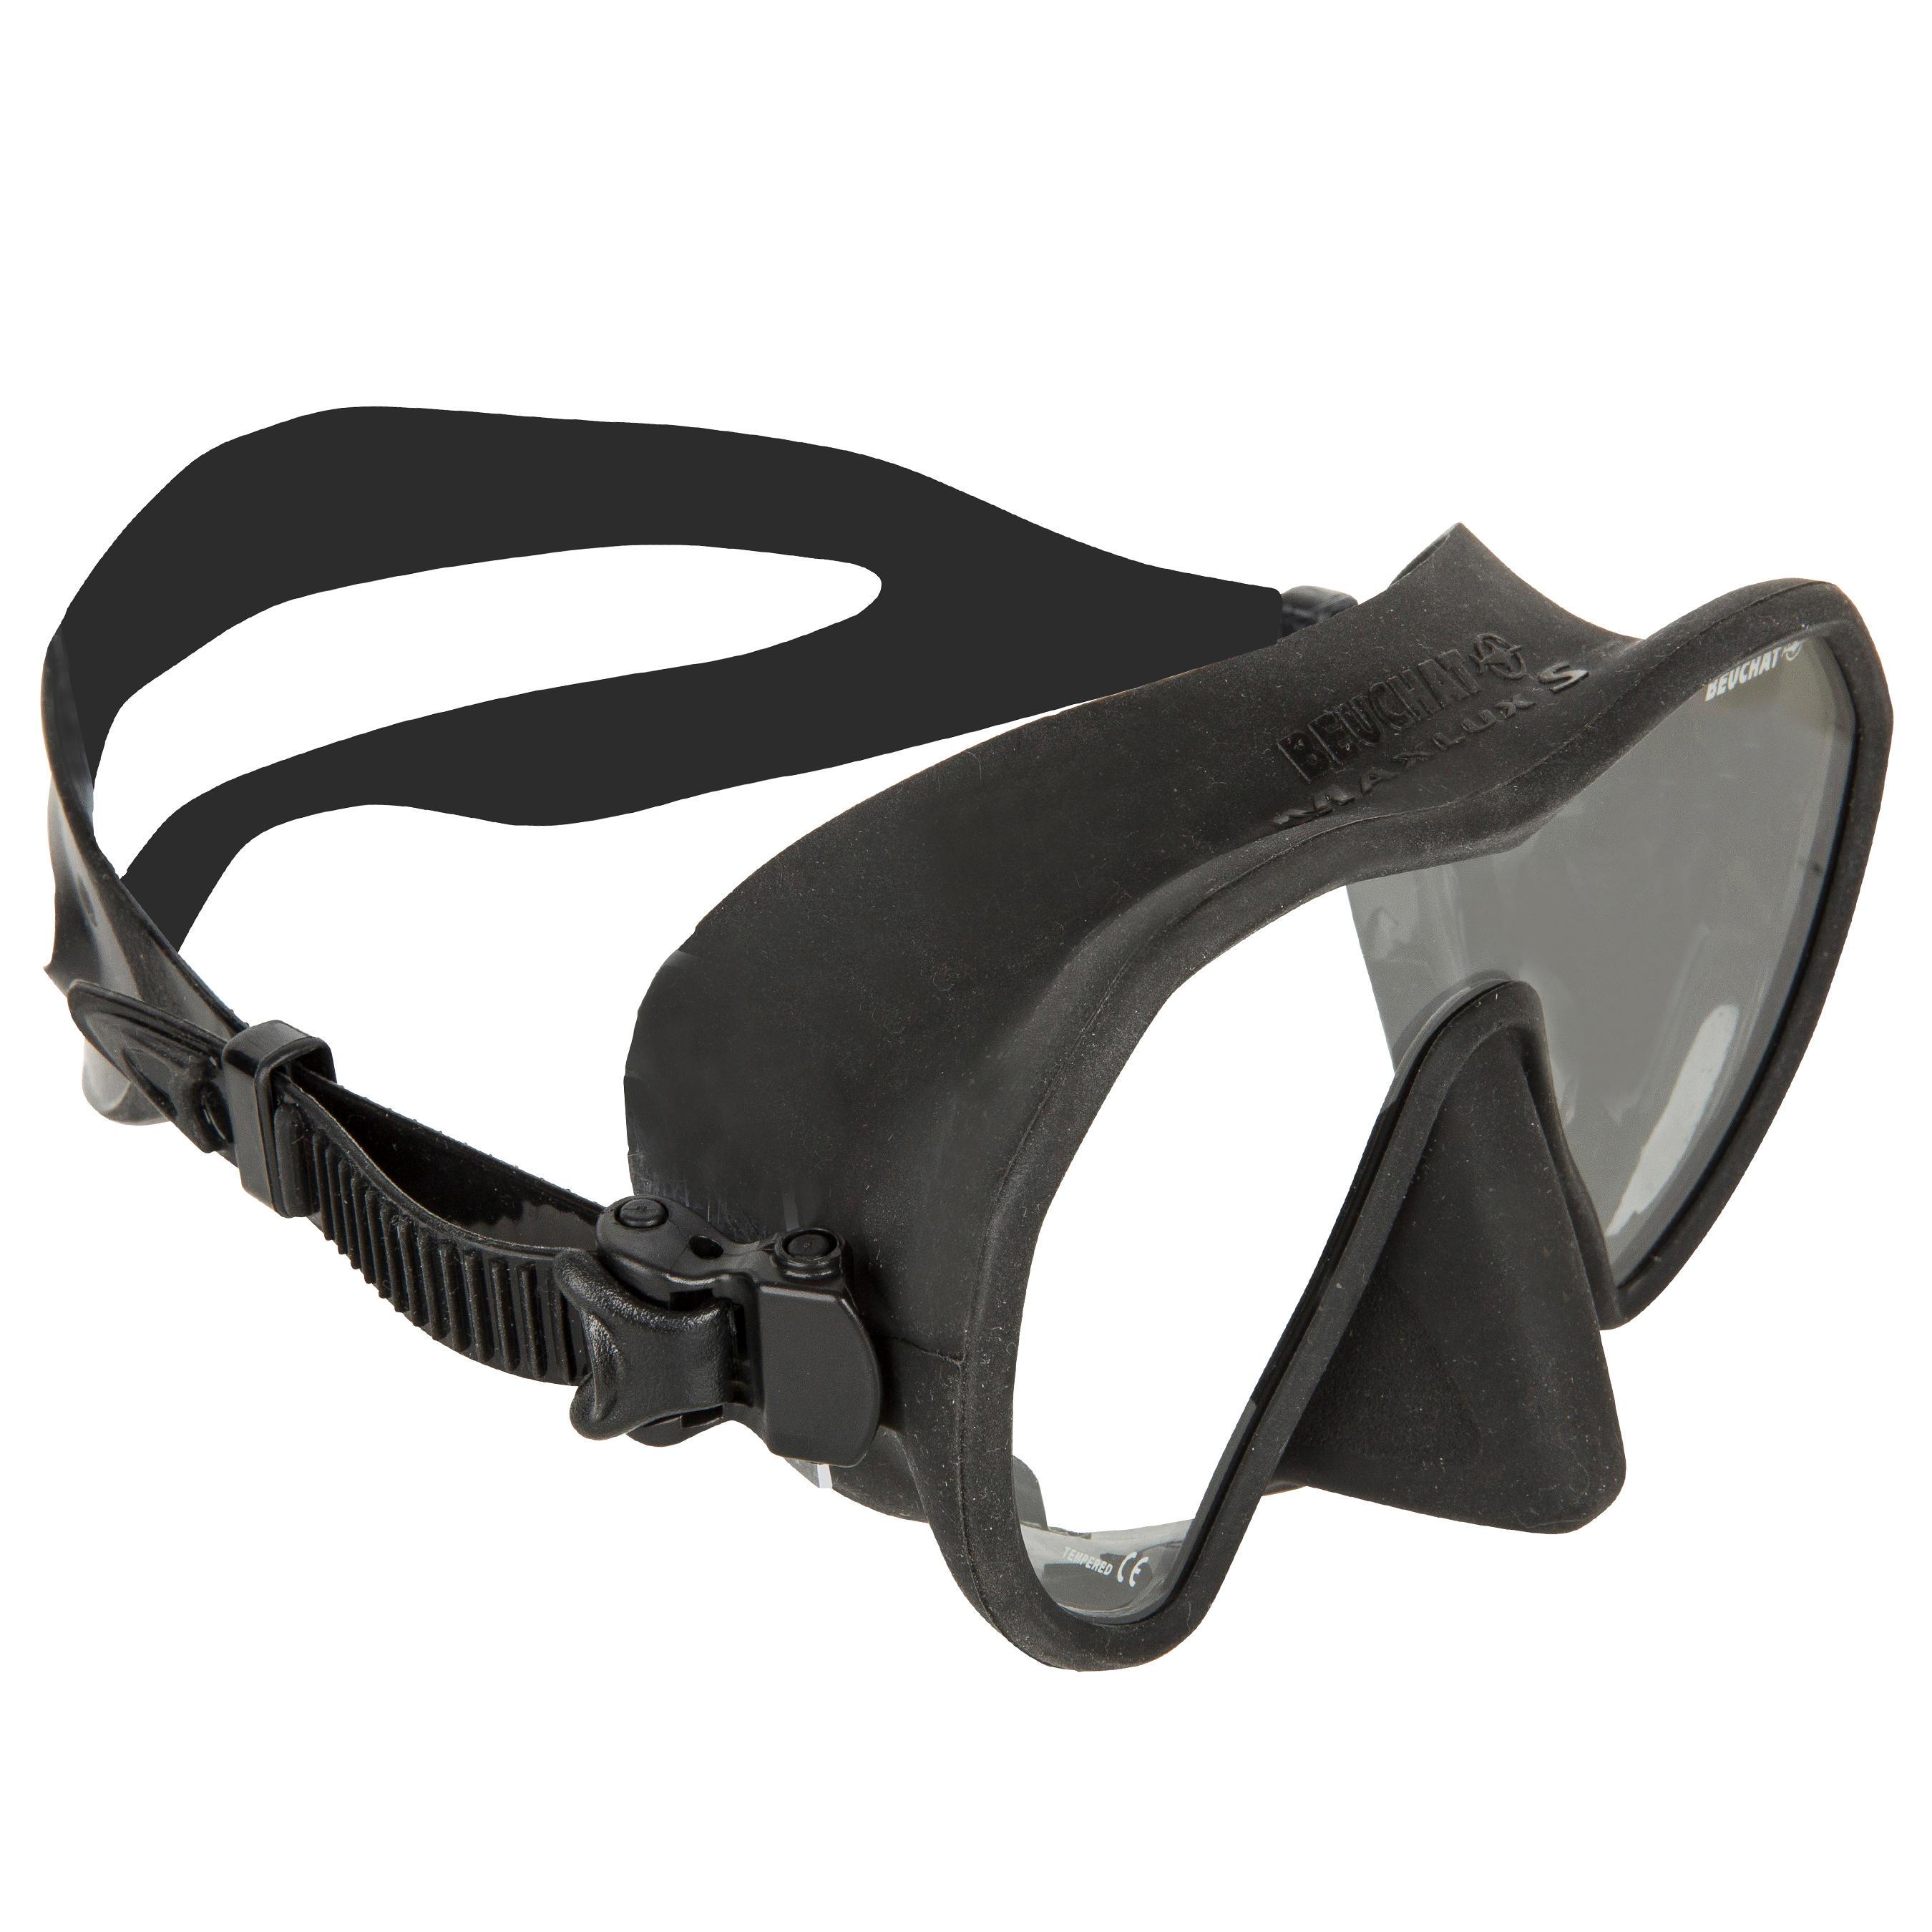 beuchat maschera pesca subacquea apnea maxlux